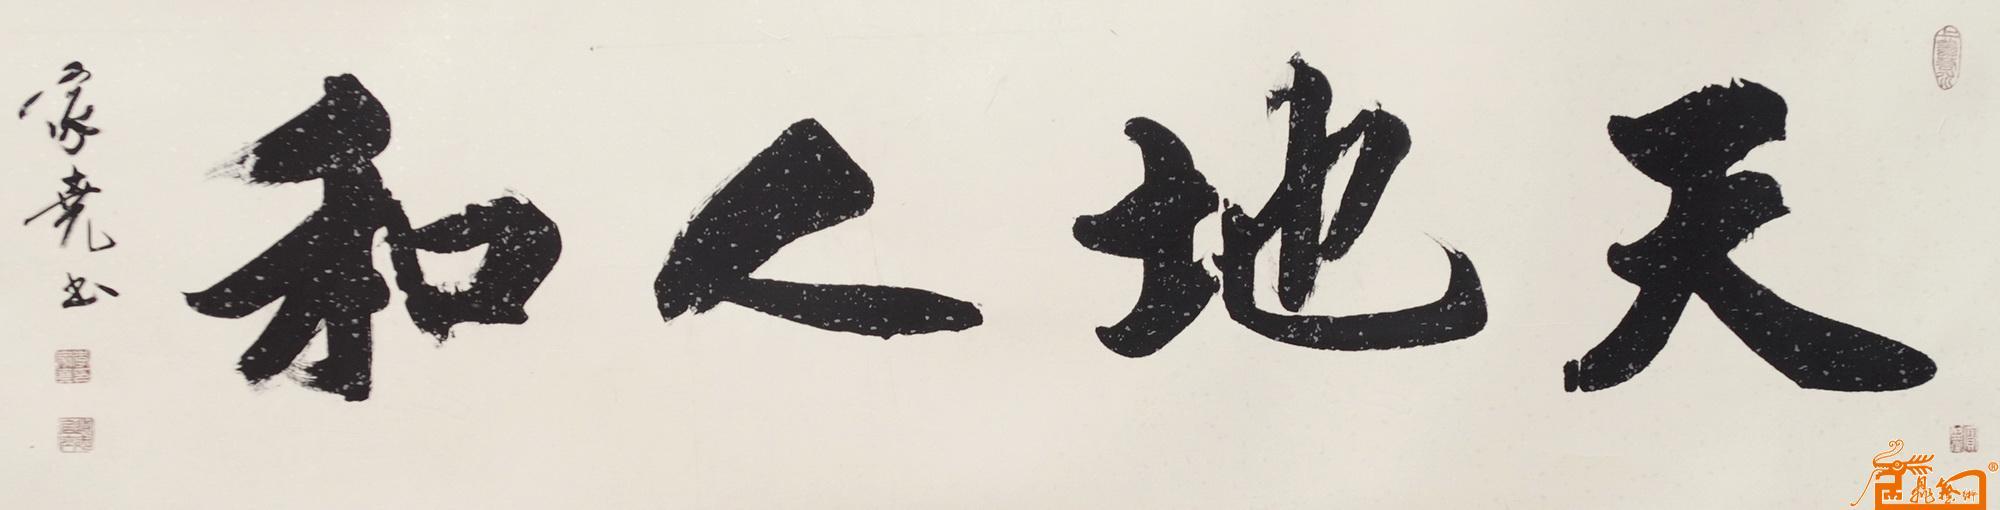 天地人和-李家尧-淘宝-名人字画-中国书画交易中心